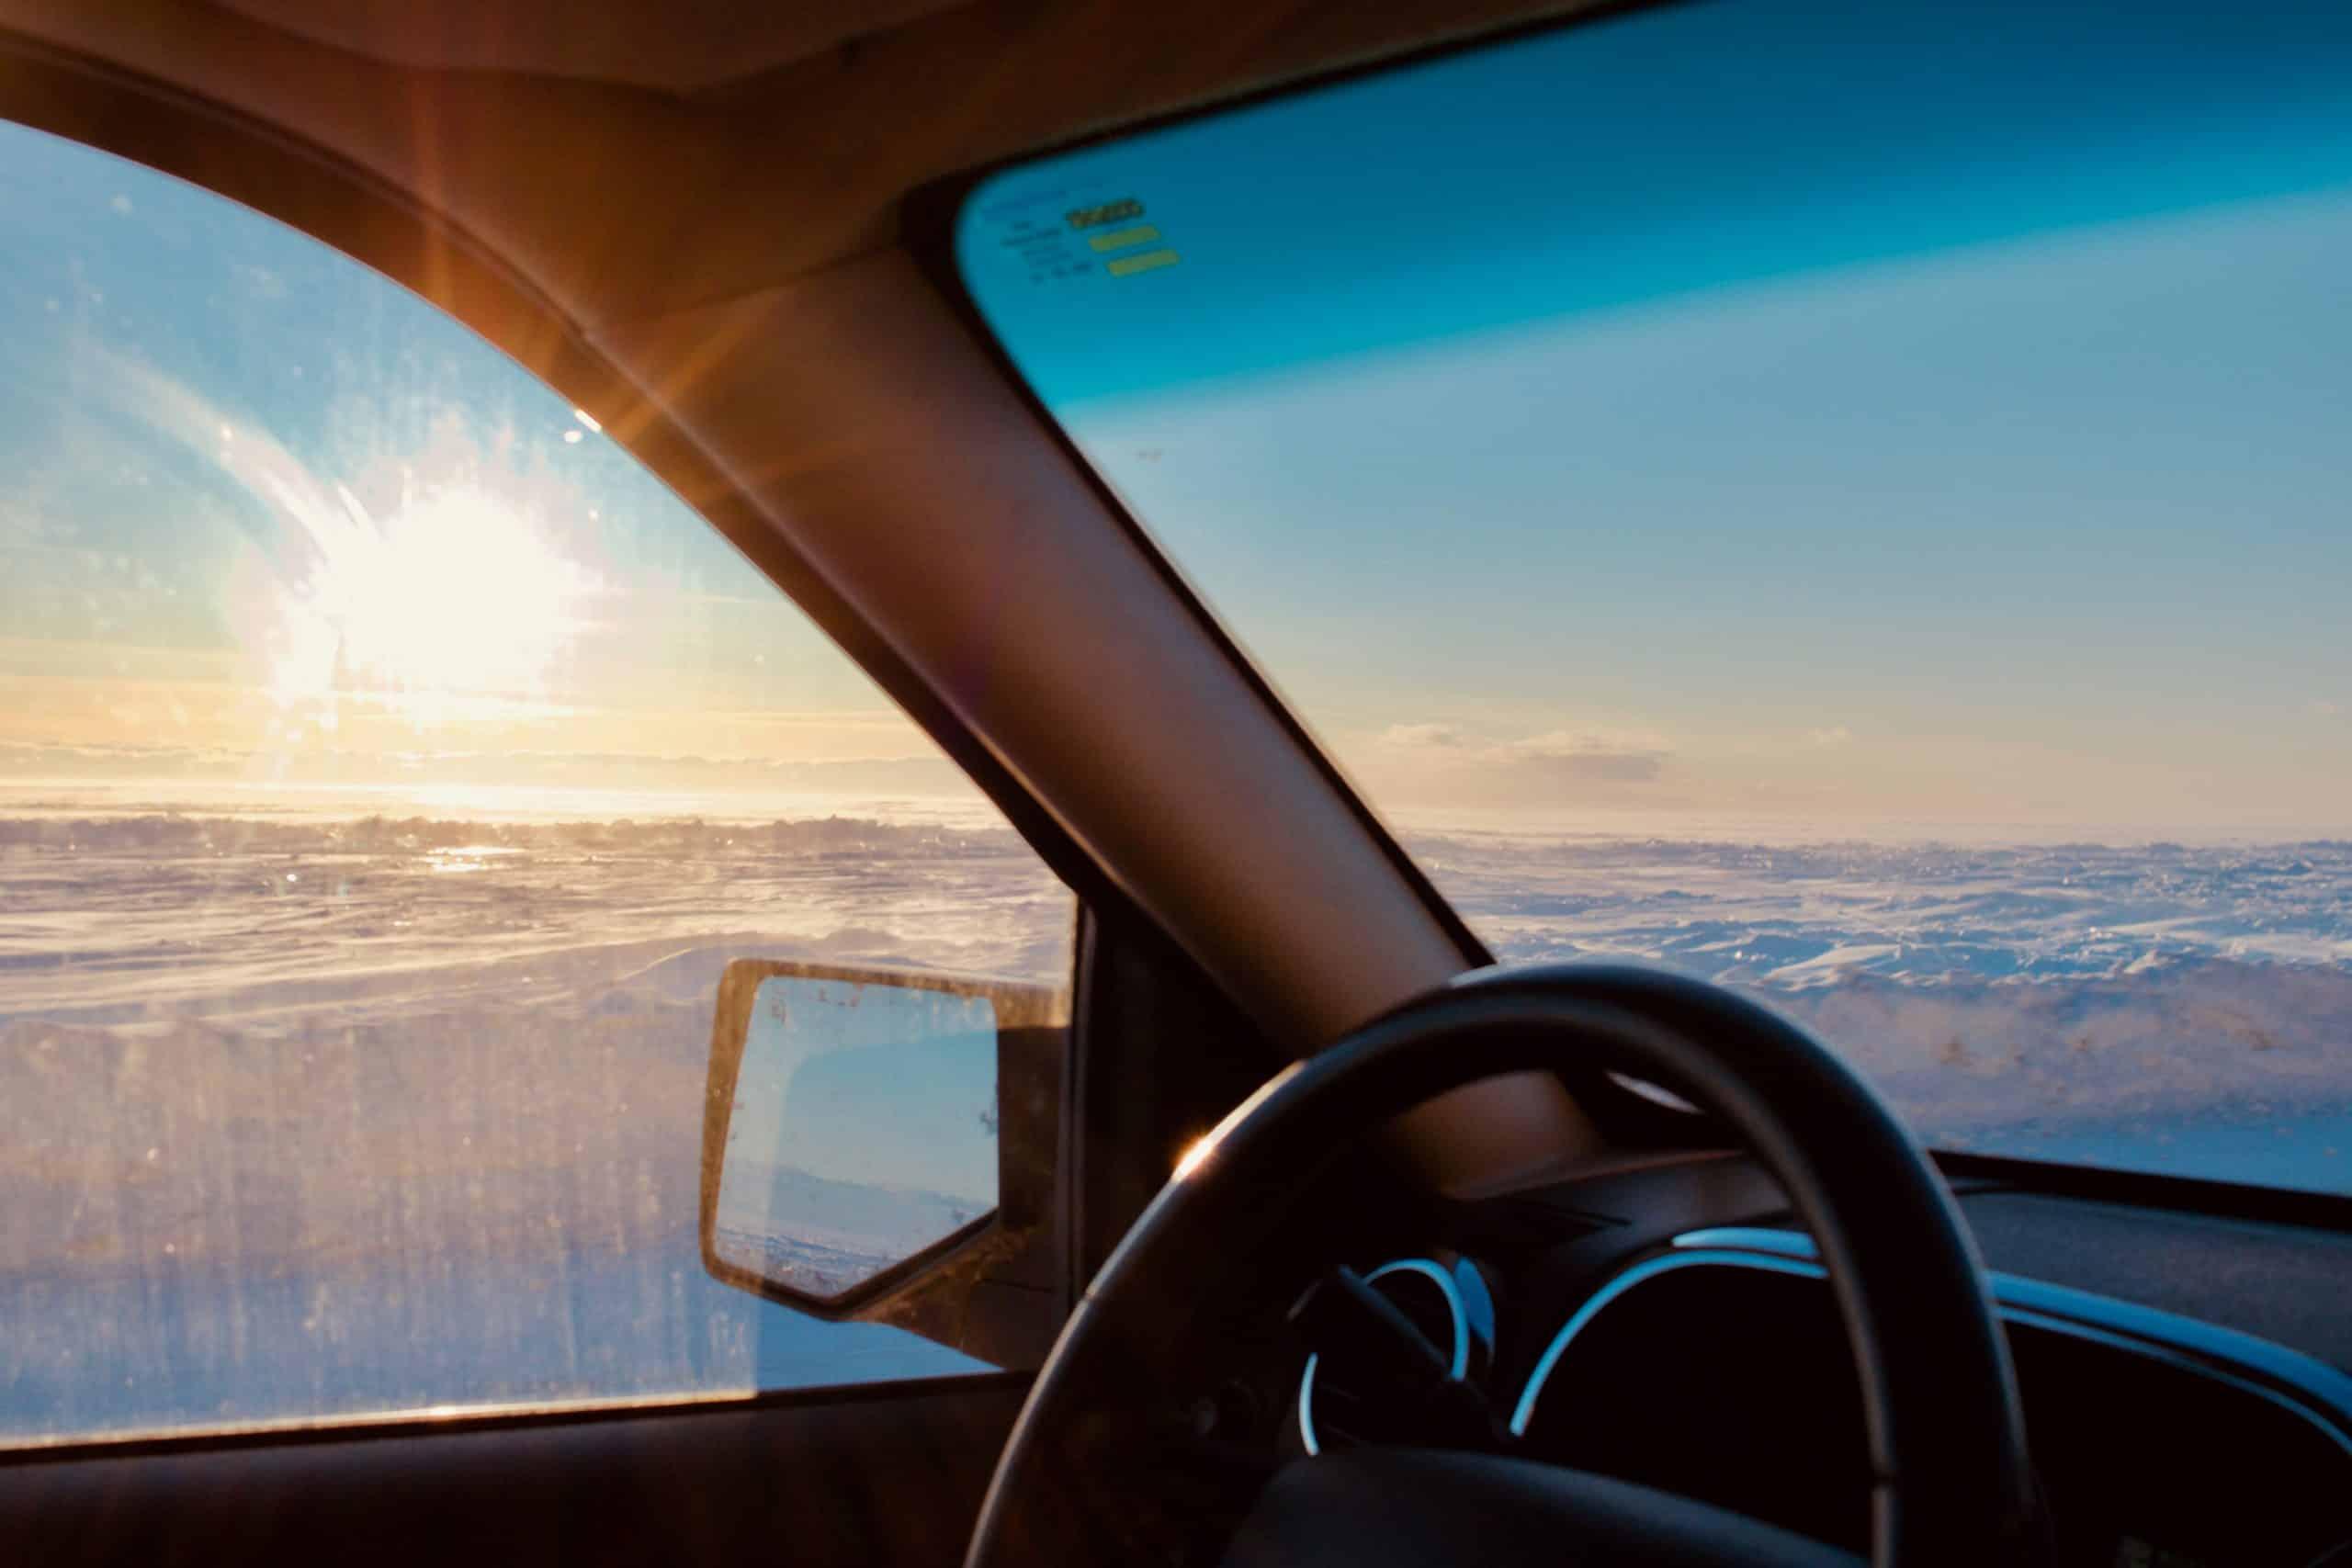 Vidro embaçado é um problema para o motorista, saiba como evitá-lo